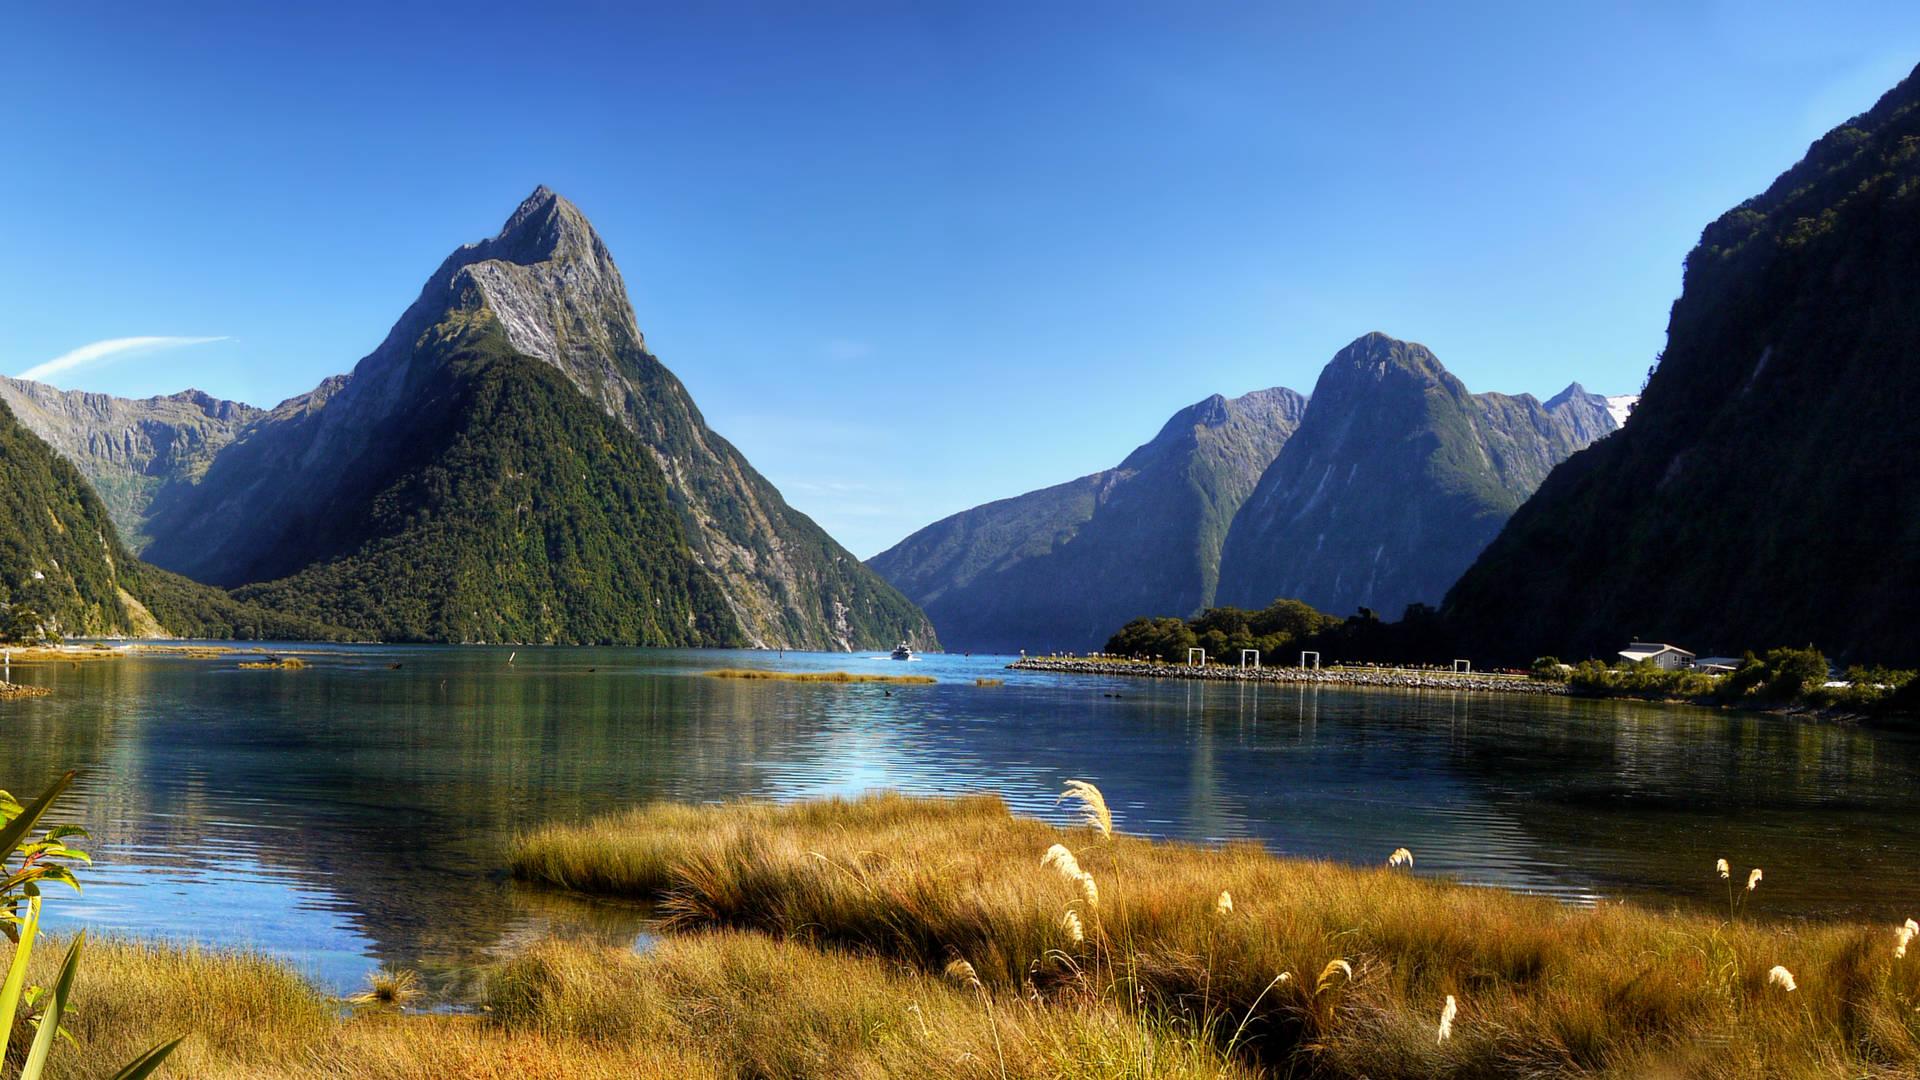 Neuseeland Gruppenreise: Abseits der Touristenpfade | a&e ...